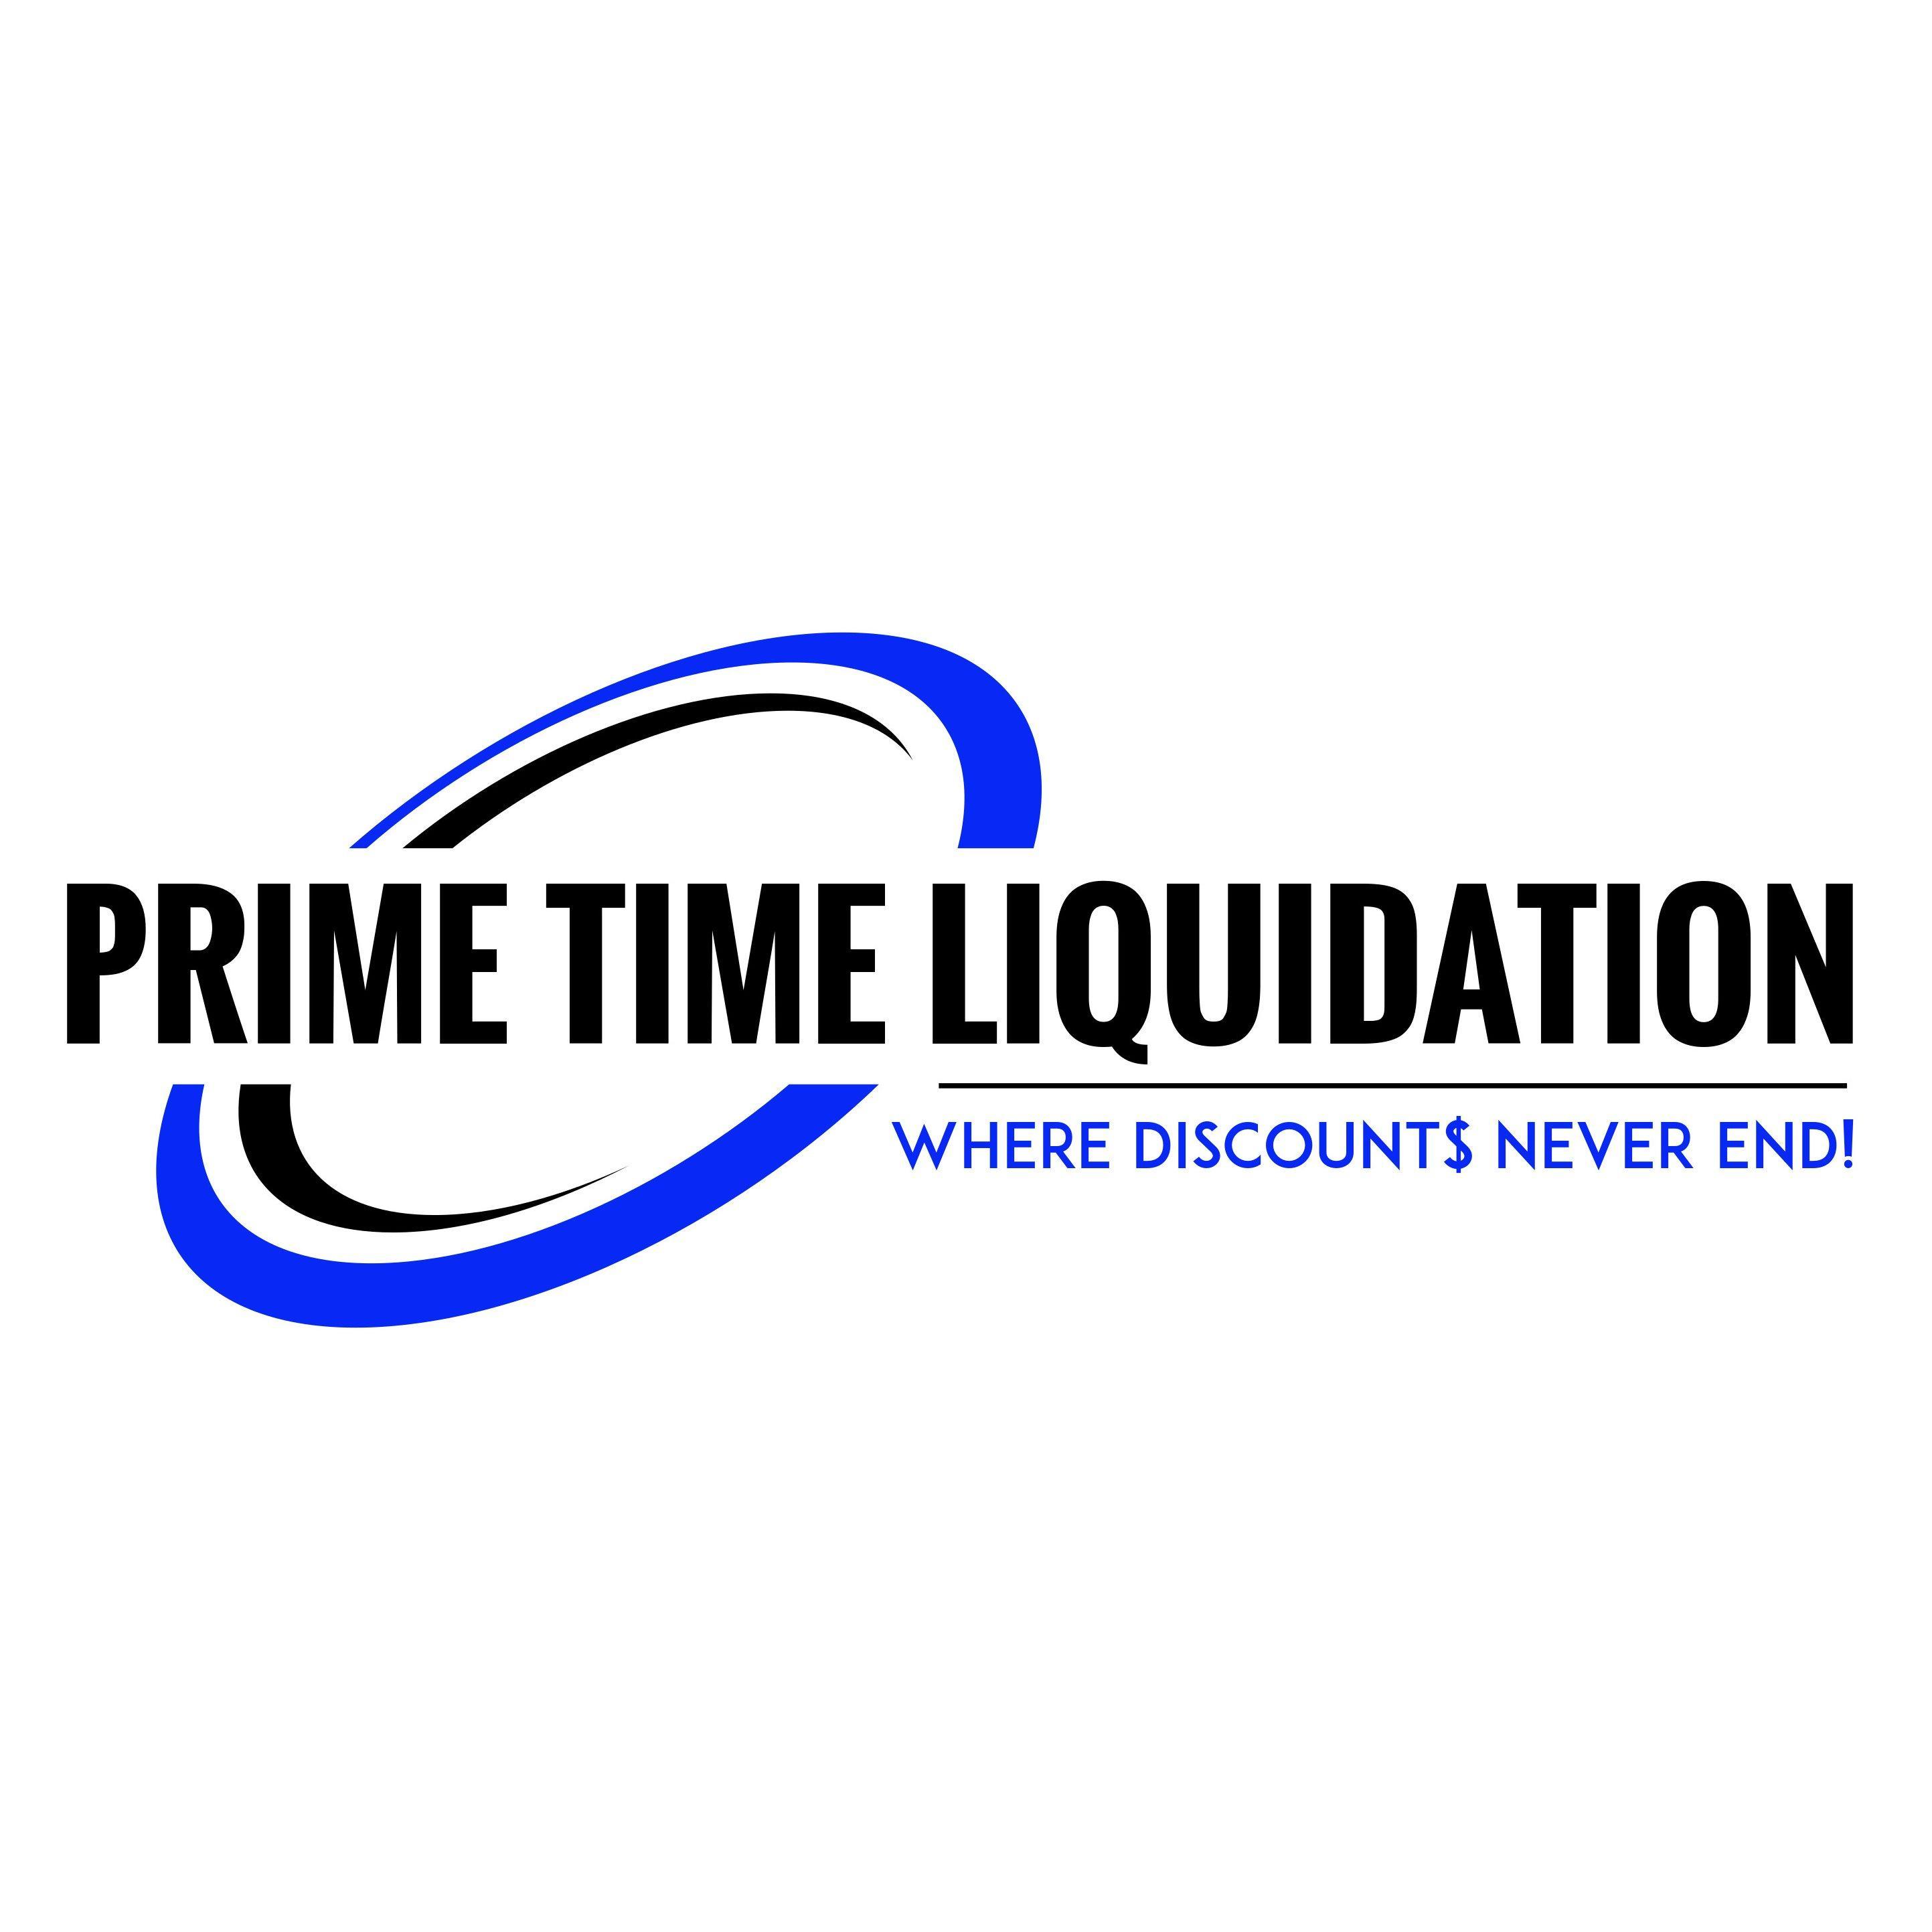 Prime Time Liquidation